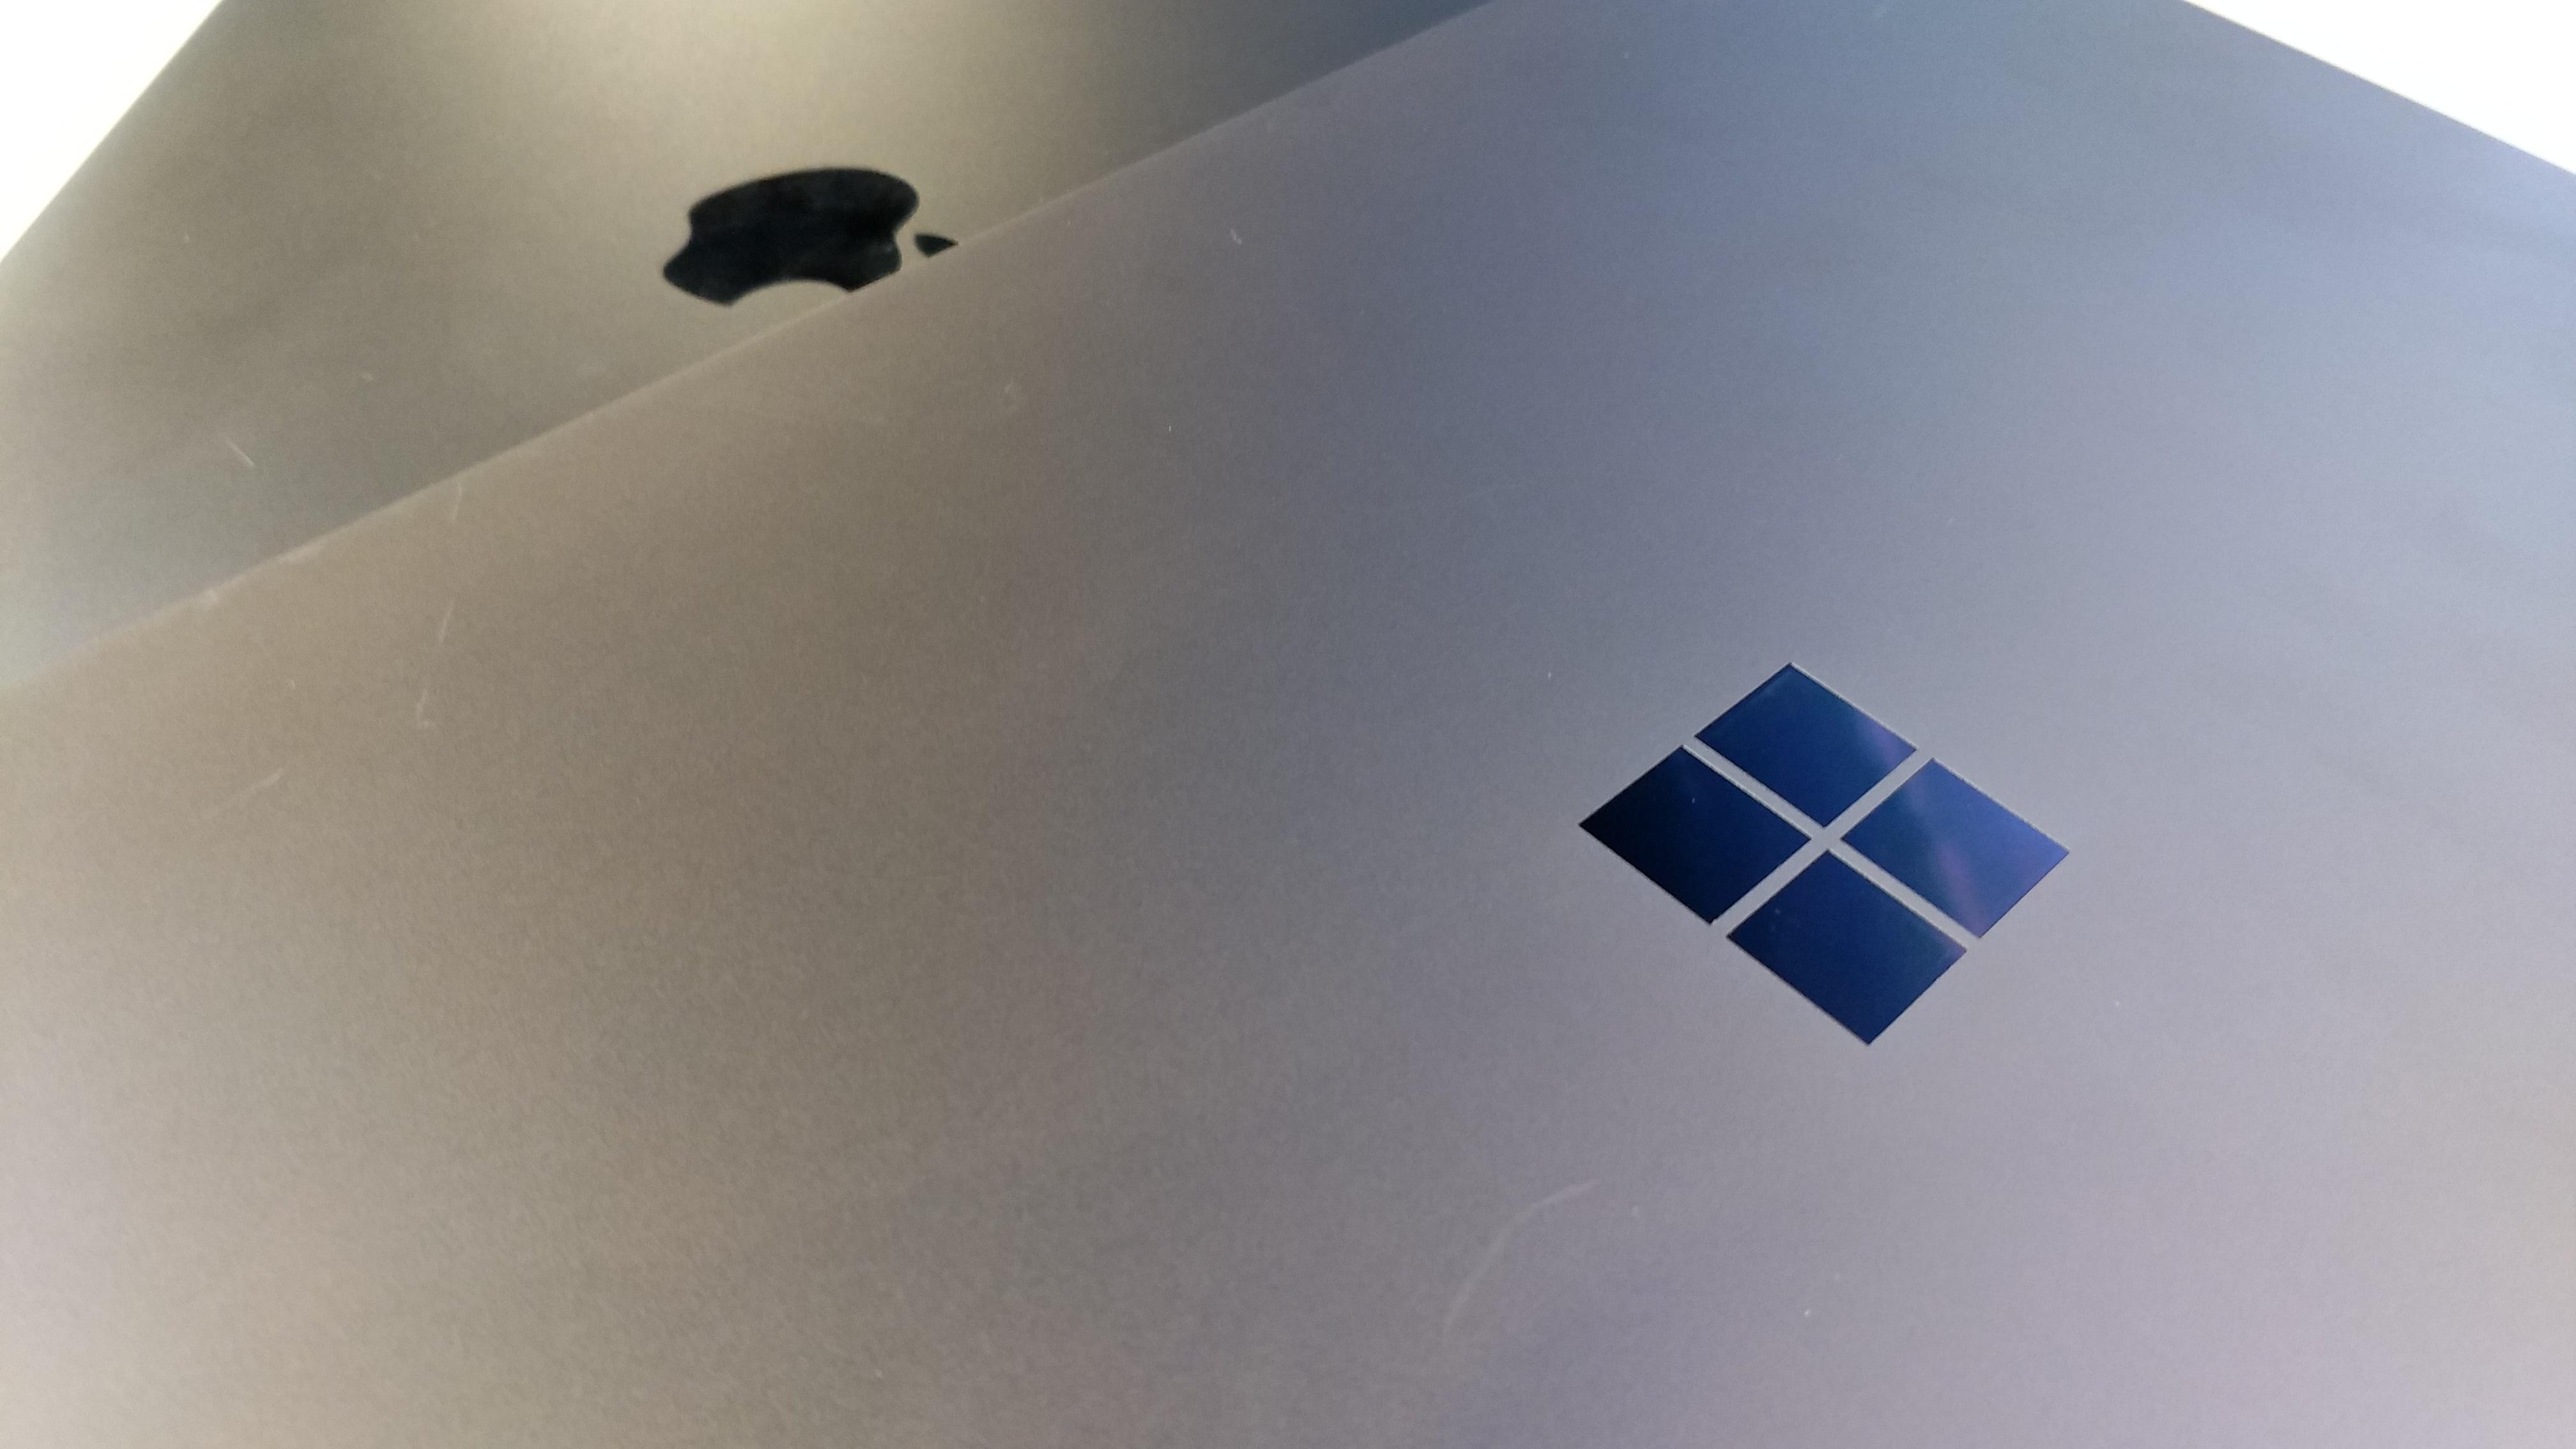 会选谁?微软Laptop对比苹果新款MacBook